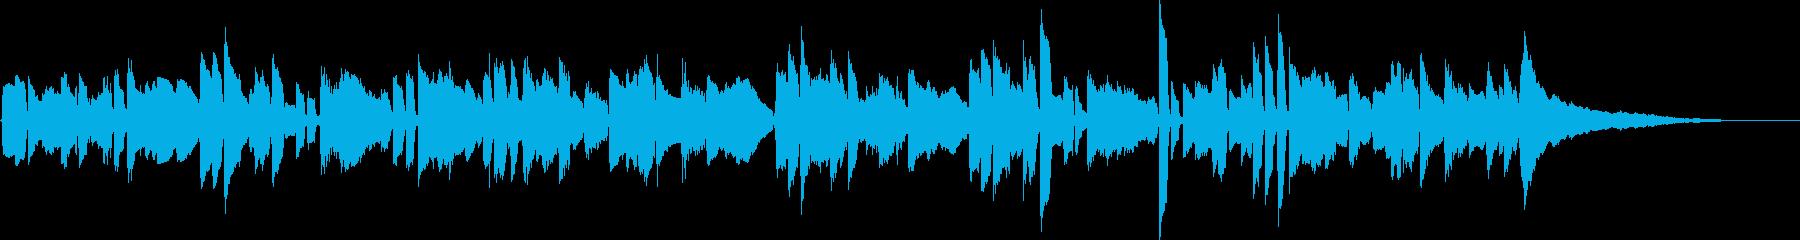 ギター演奏ΓÇ£red River...の再生済みの波形